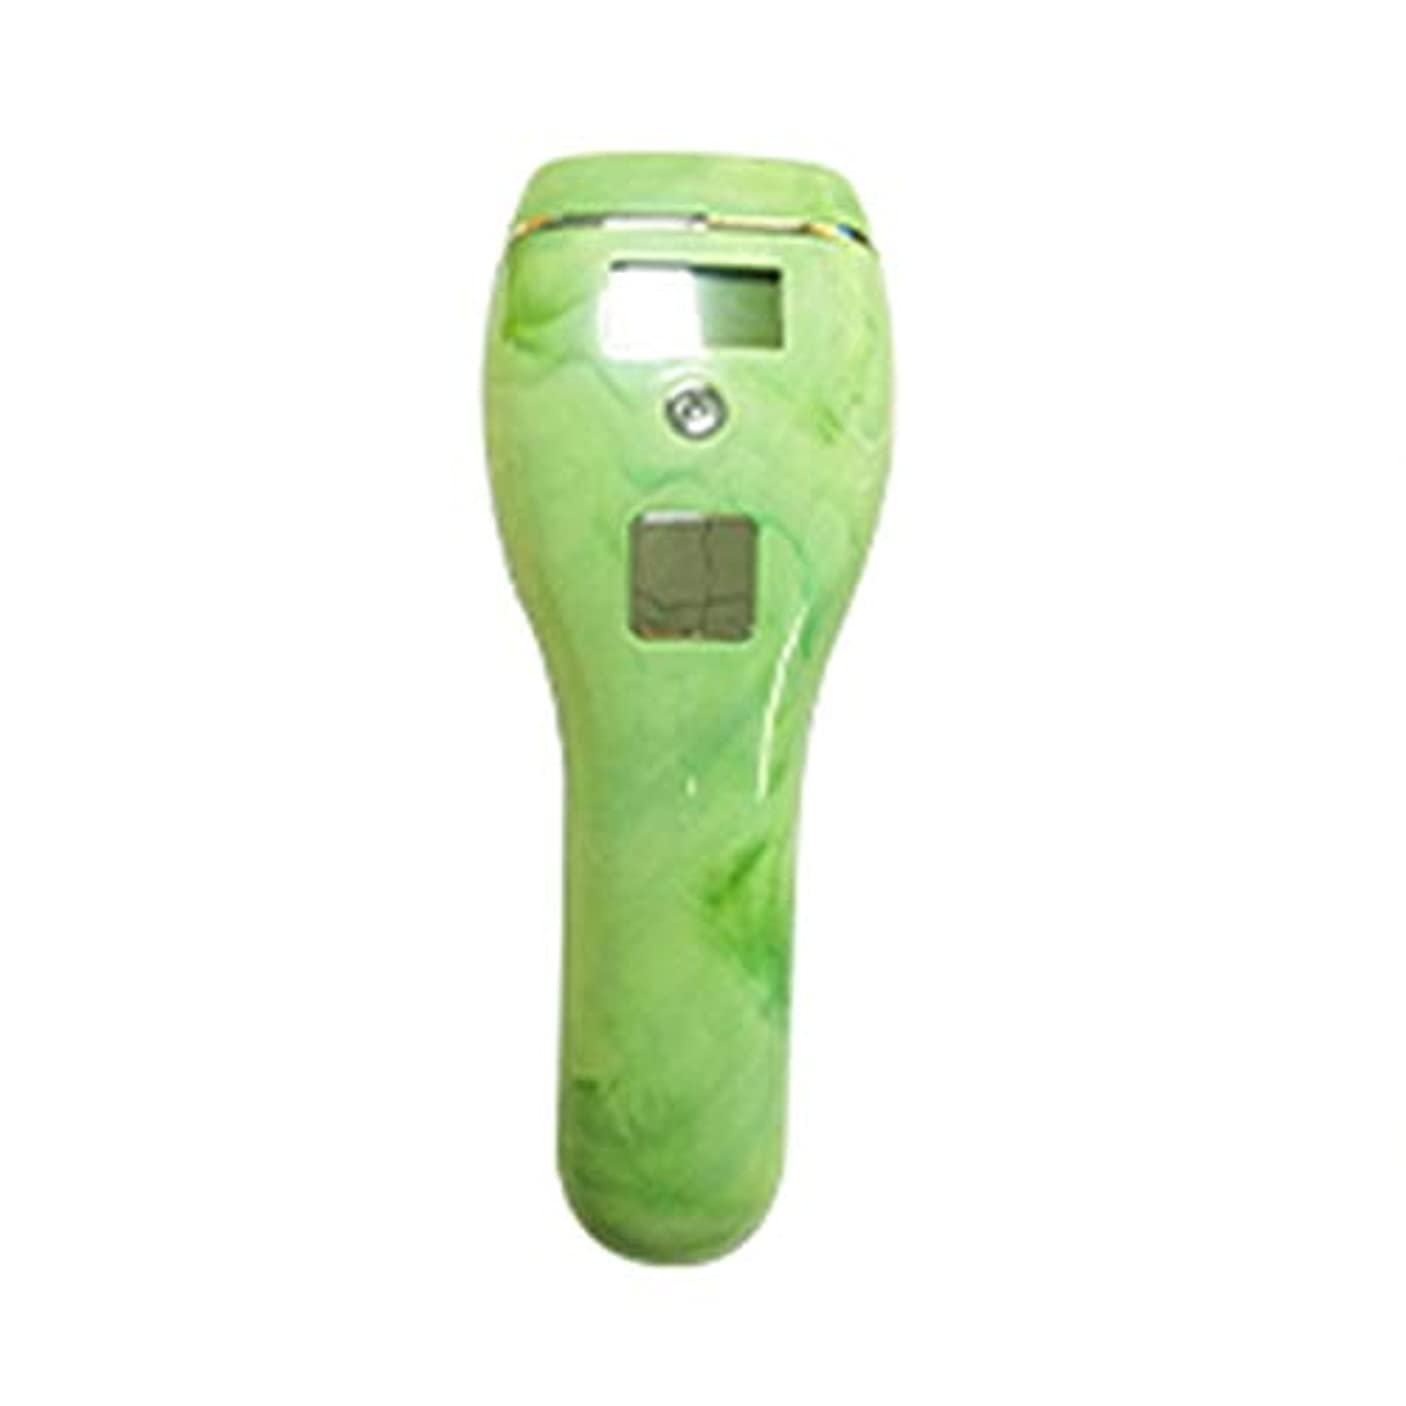 負荷市の花スペイン語自動肌のカラーセンシング、グリーン、5速調整、クォーツチューブ、携帯用痛みのない全身凍結乾燥用除湿器、サイズ19x7x5cm 髪以外はきれい (Color : Green)